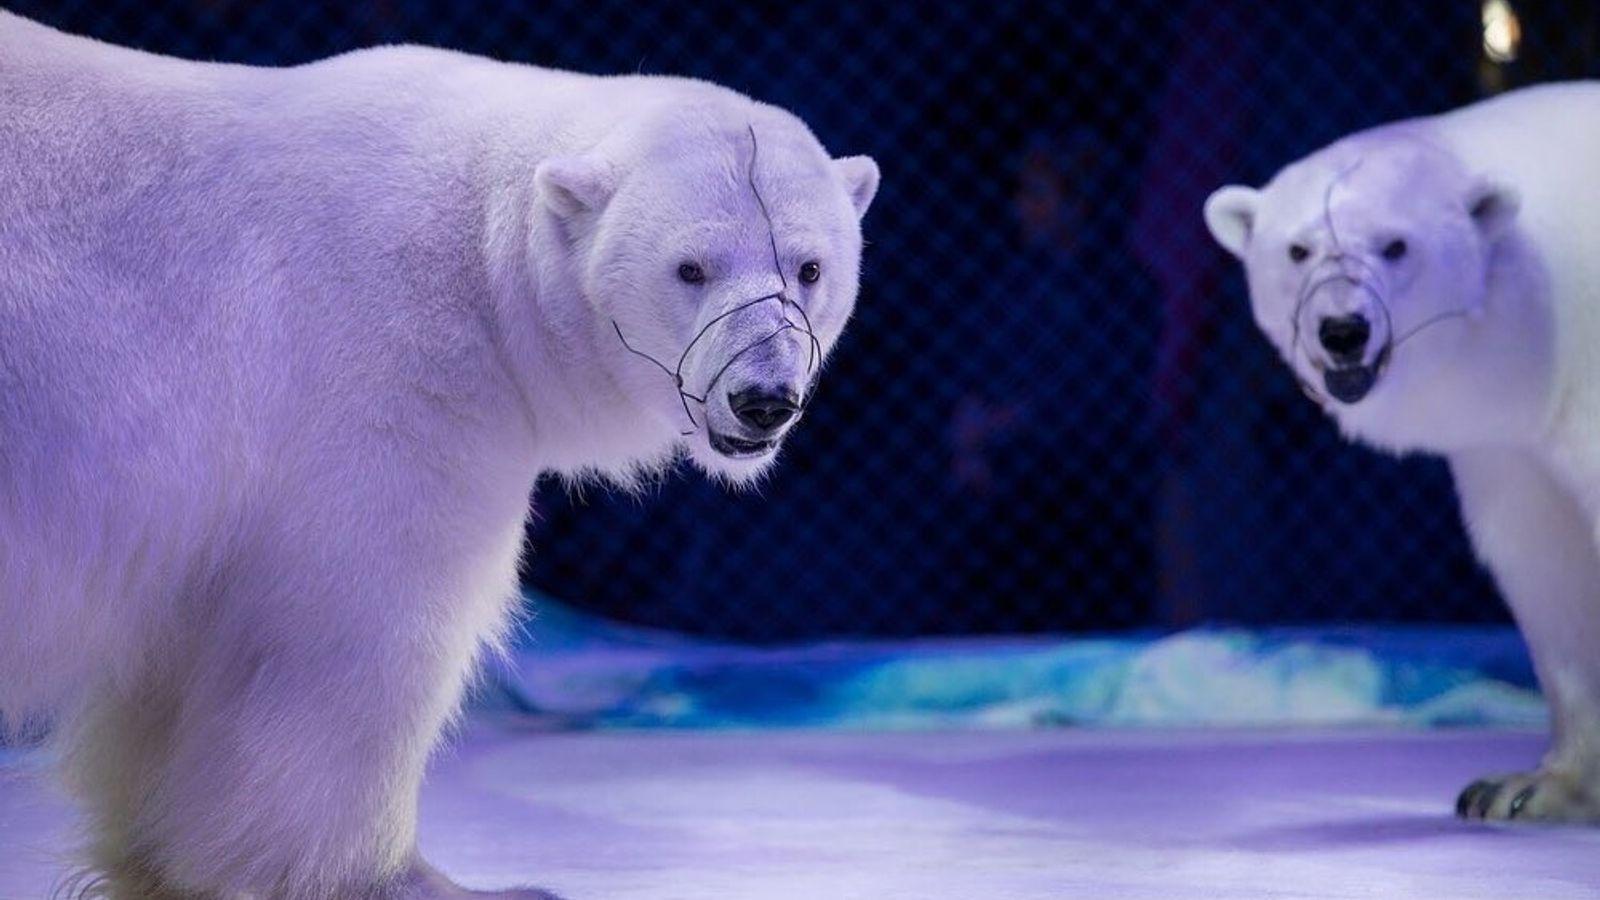 Deux ours polaires se produisent à Kazan, en Russie. Cette image est un exemple rare d'ours ...